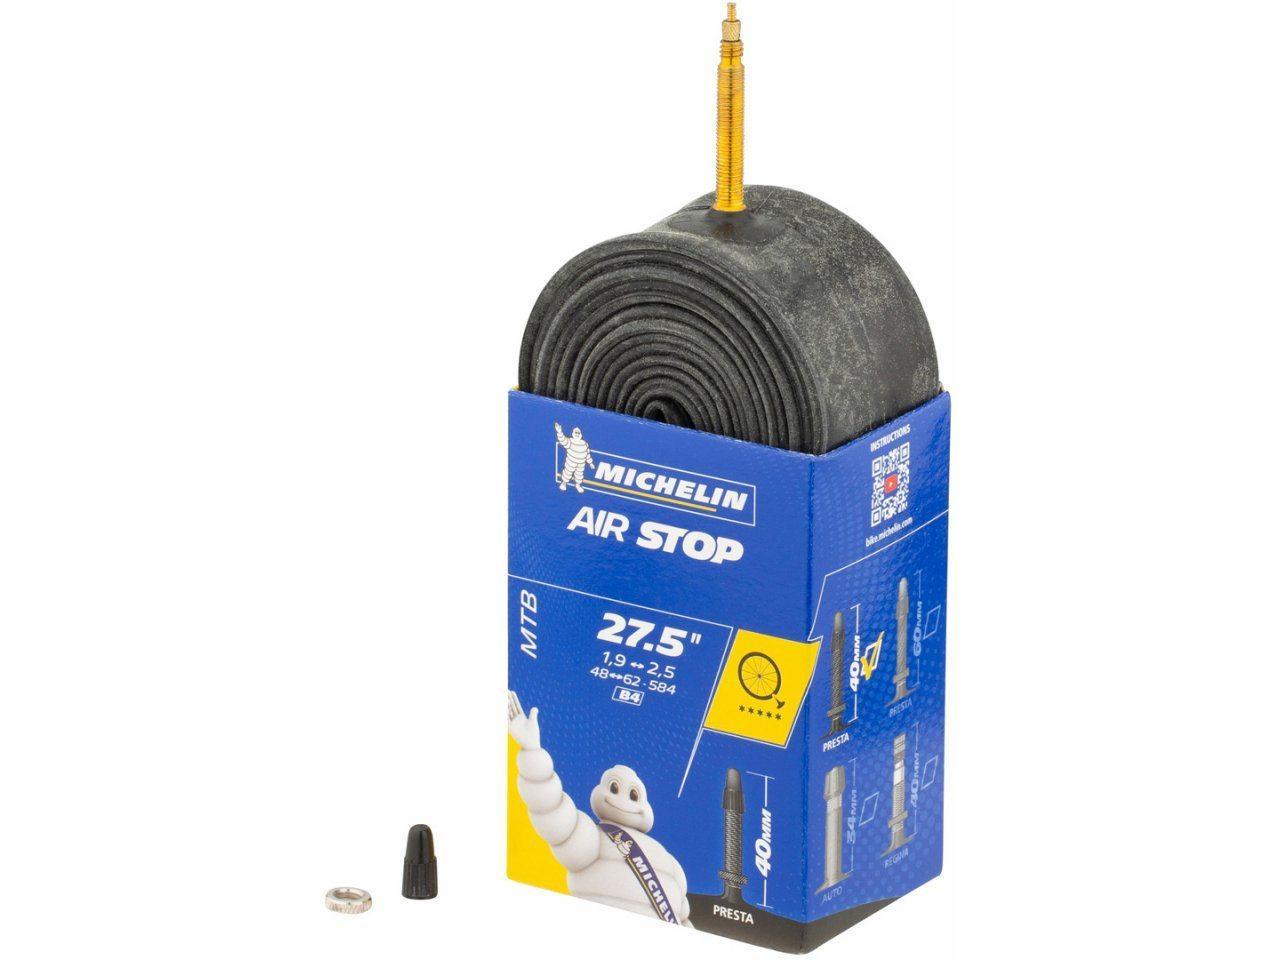 """Камера для велосипеда Michelin B4 Air Stop 27.5"""" x 1.9-2.5 (Presta, FV)"""